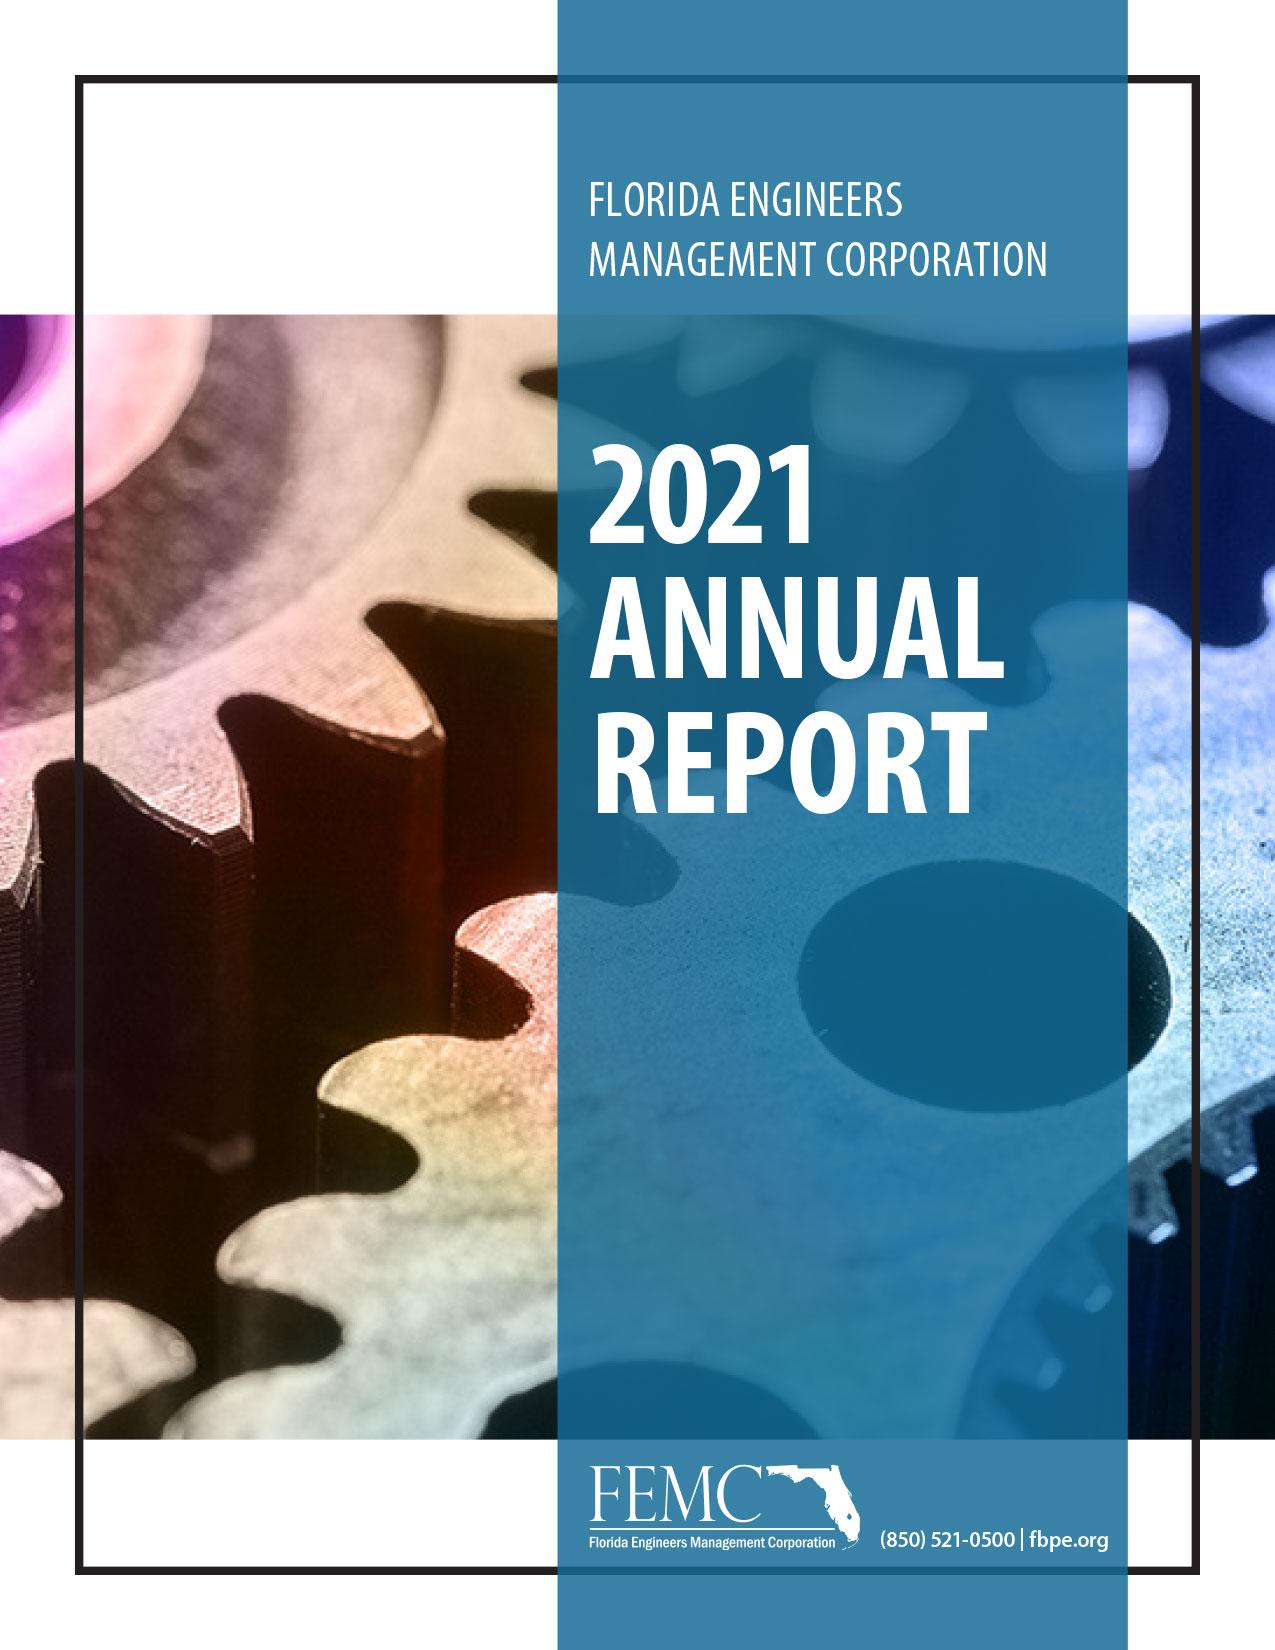 FEMC Annual Report 2021